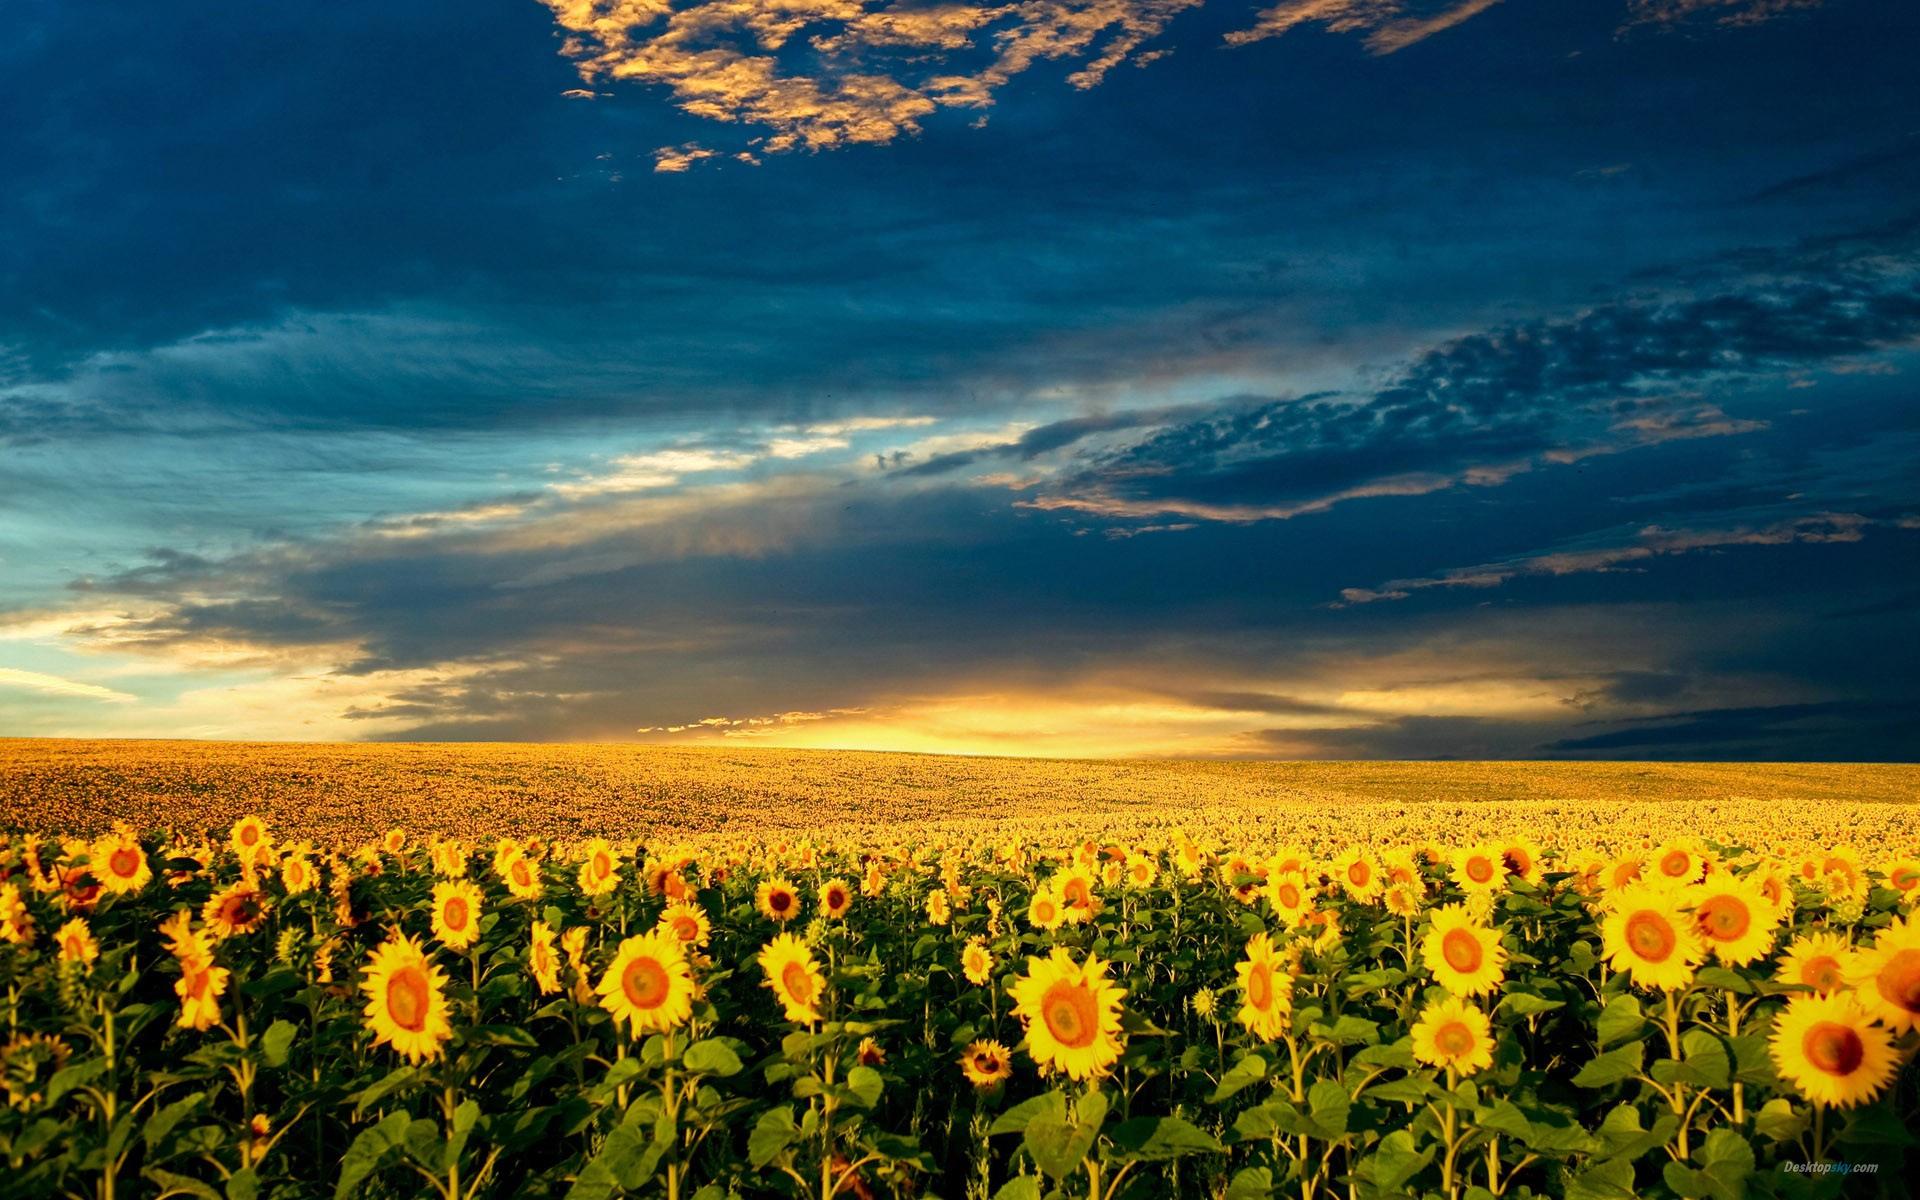 八月结伴新疆伊犁,向日葵盛开的地方,喀拉峻无边的草场